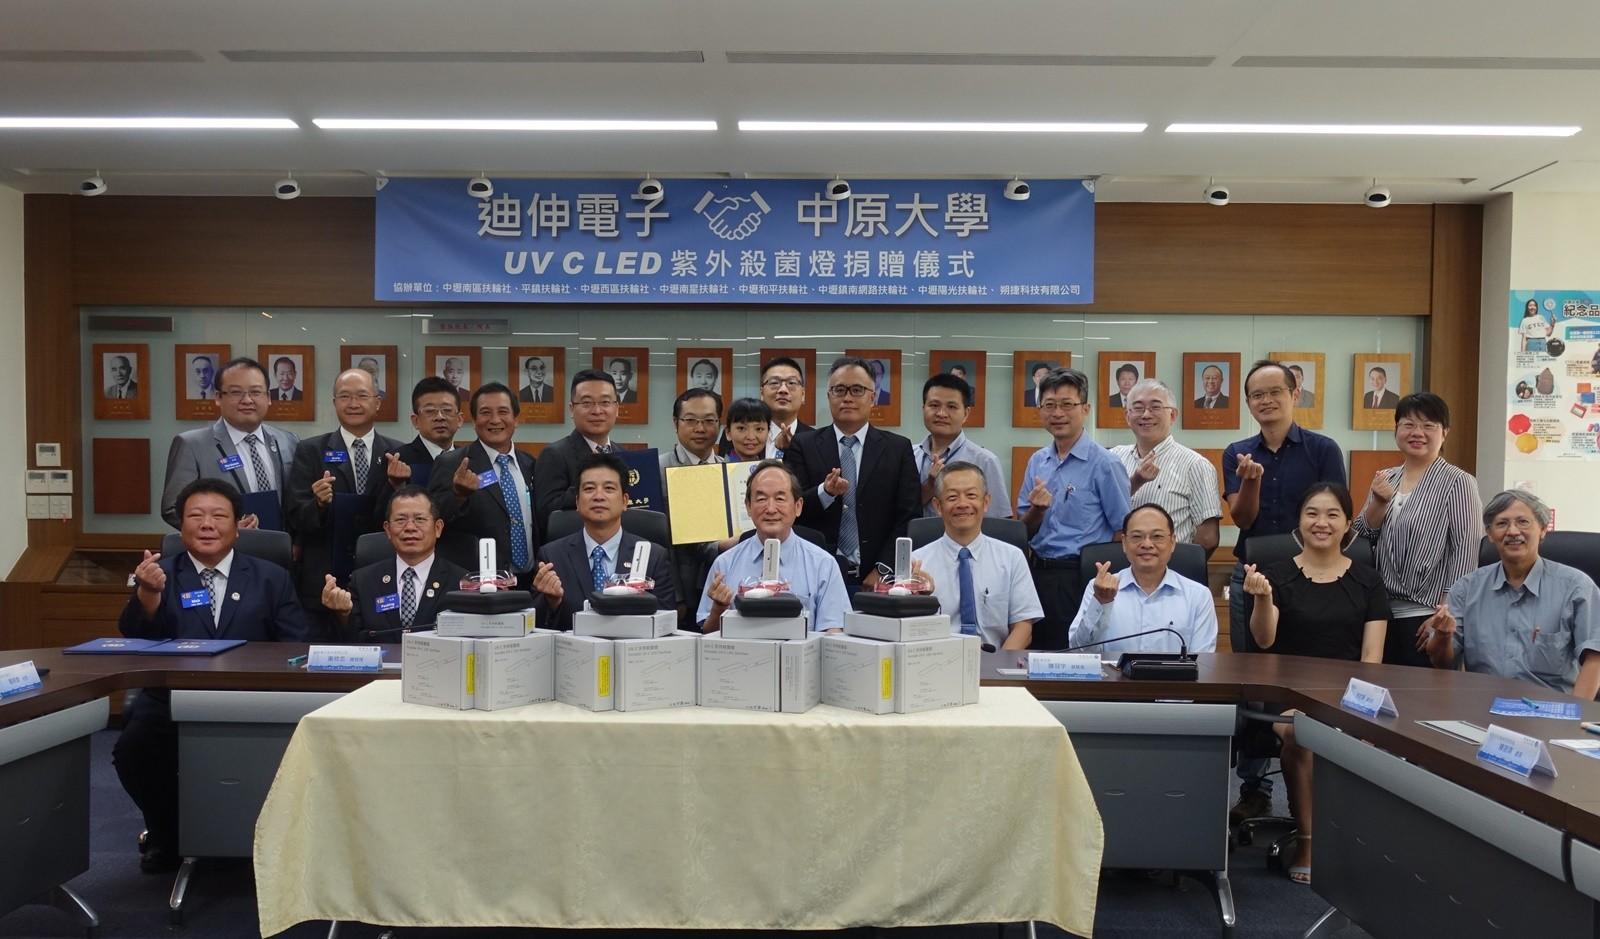 迪伸電子UVC LED紫外光殺菌燈捐贈儀式,與會人員合影留念。.JPG